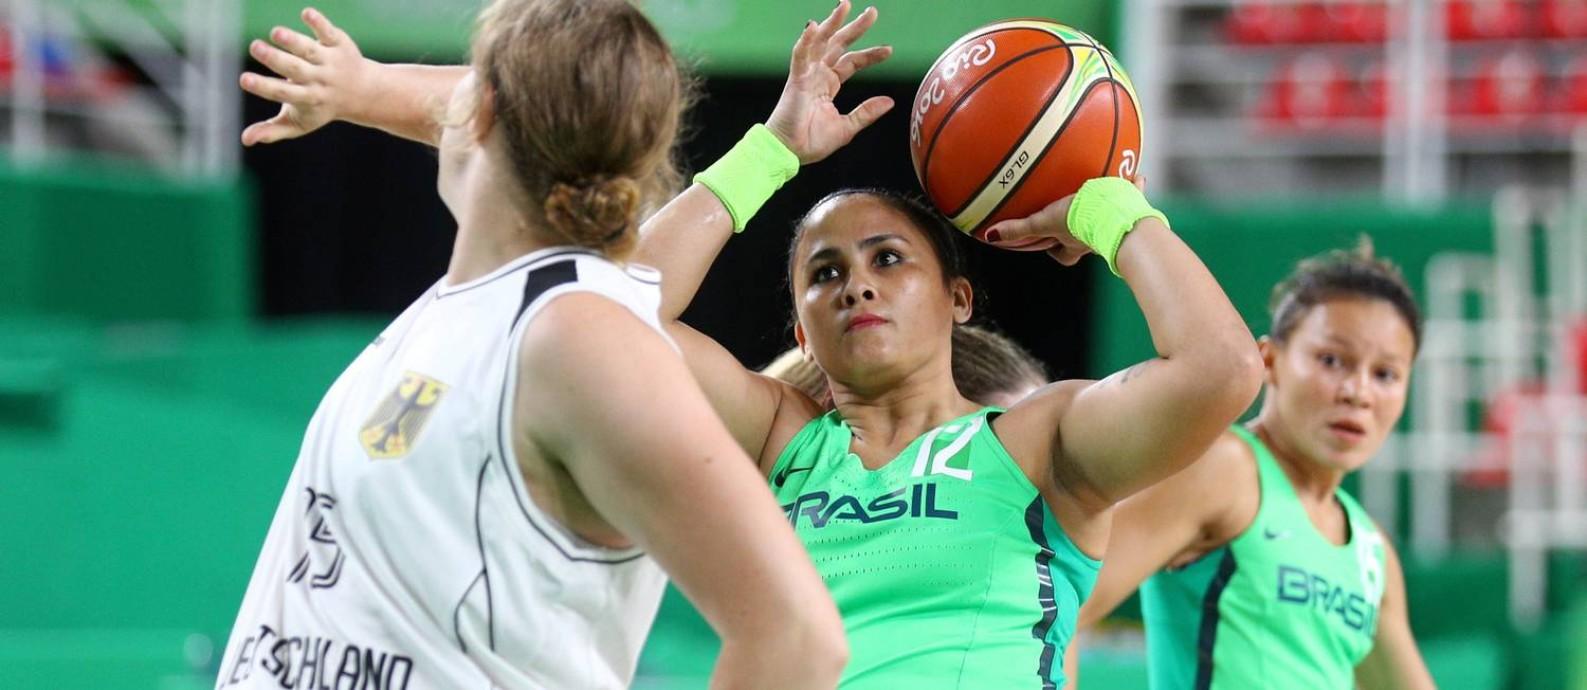 Lia Martins representando o Brasil nos Jogos Paralímpicos Rio 2016 Foto: Pablo Jacob / Agência O Globo